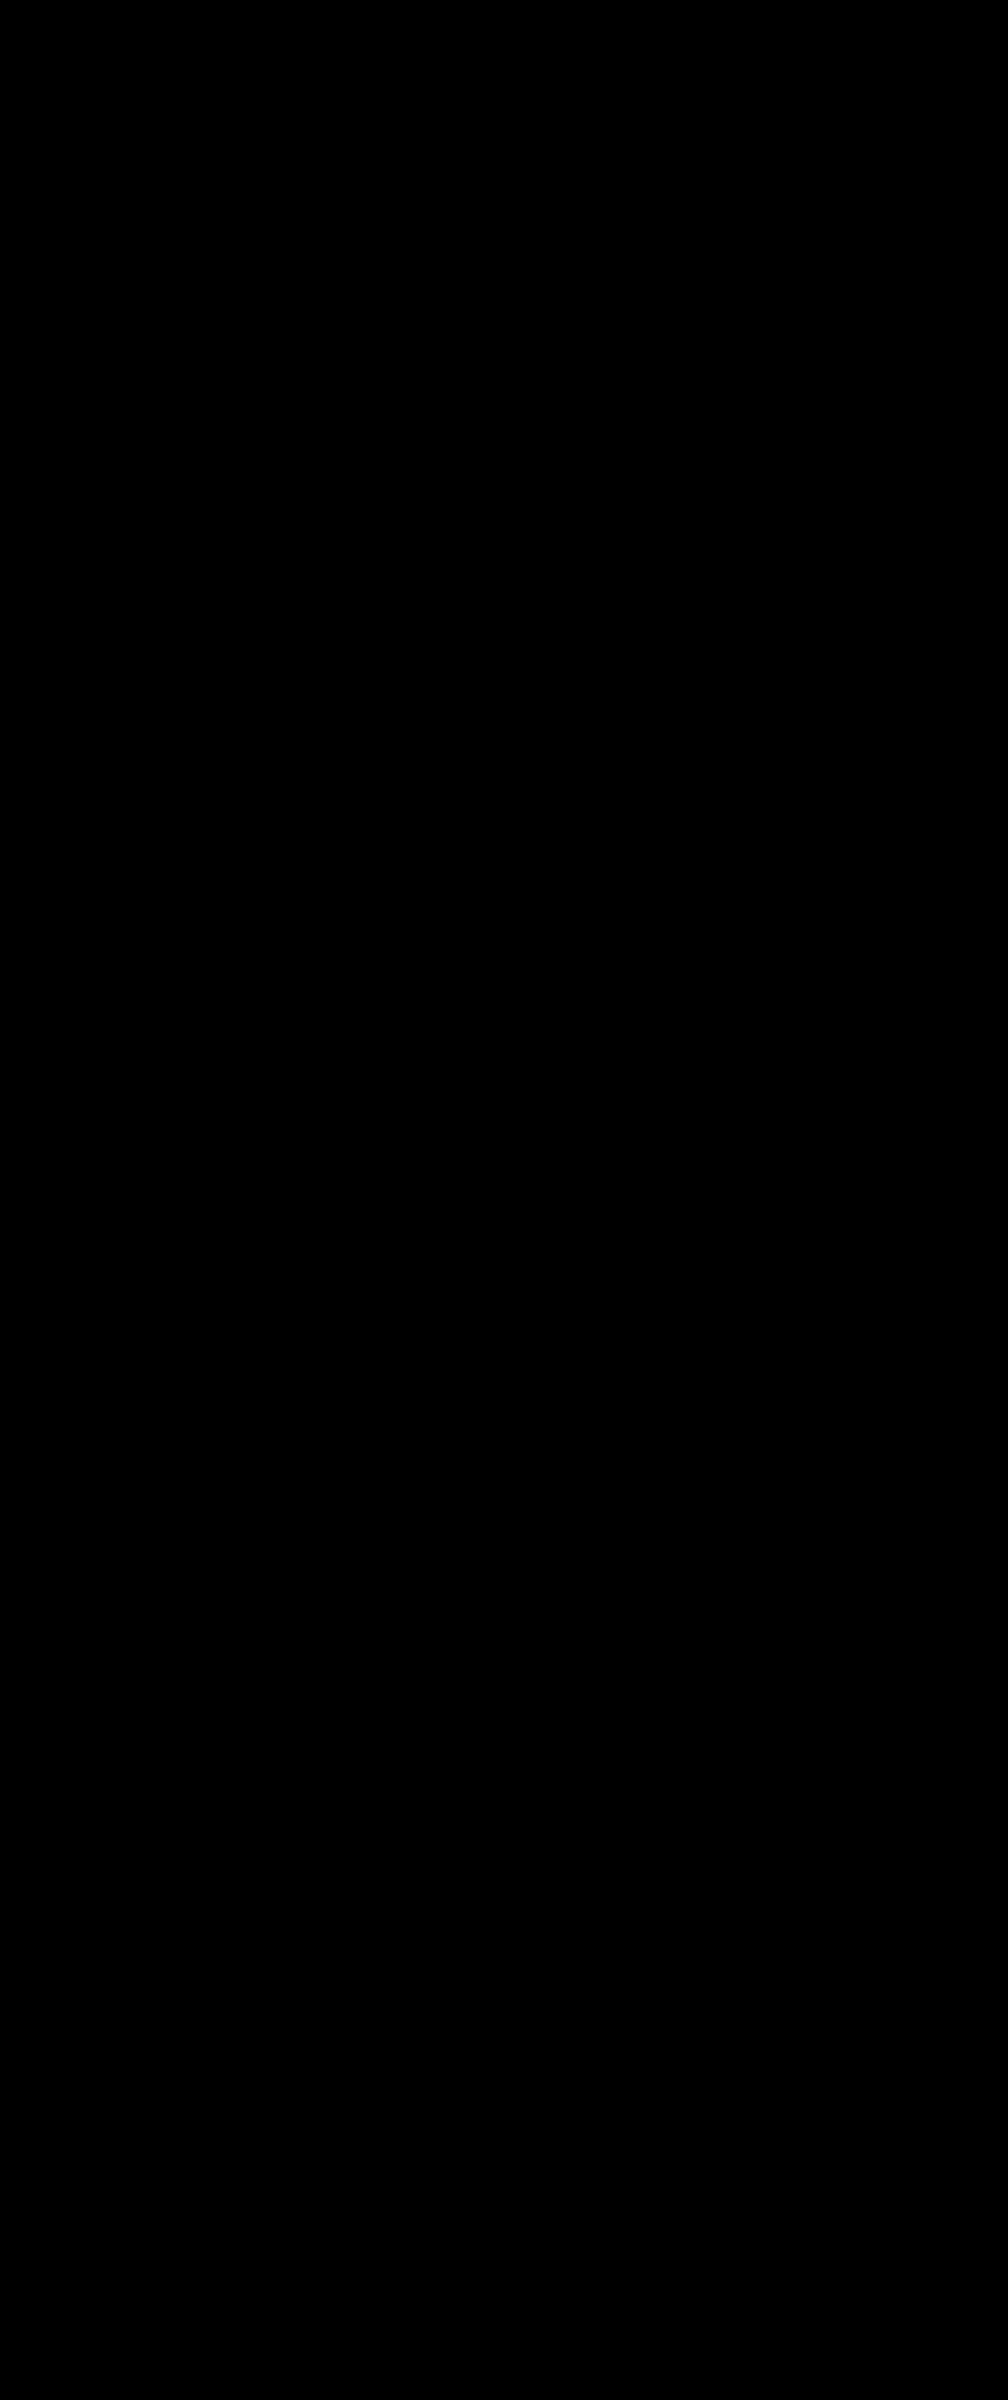 Capacitor Schematic Symbol.